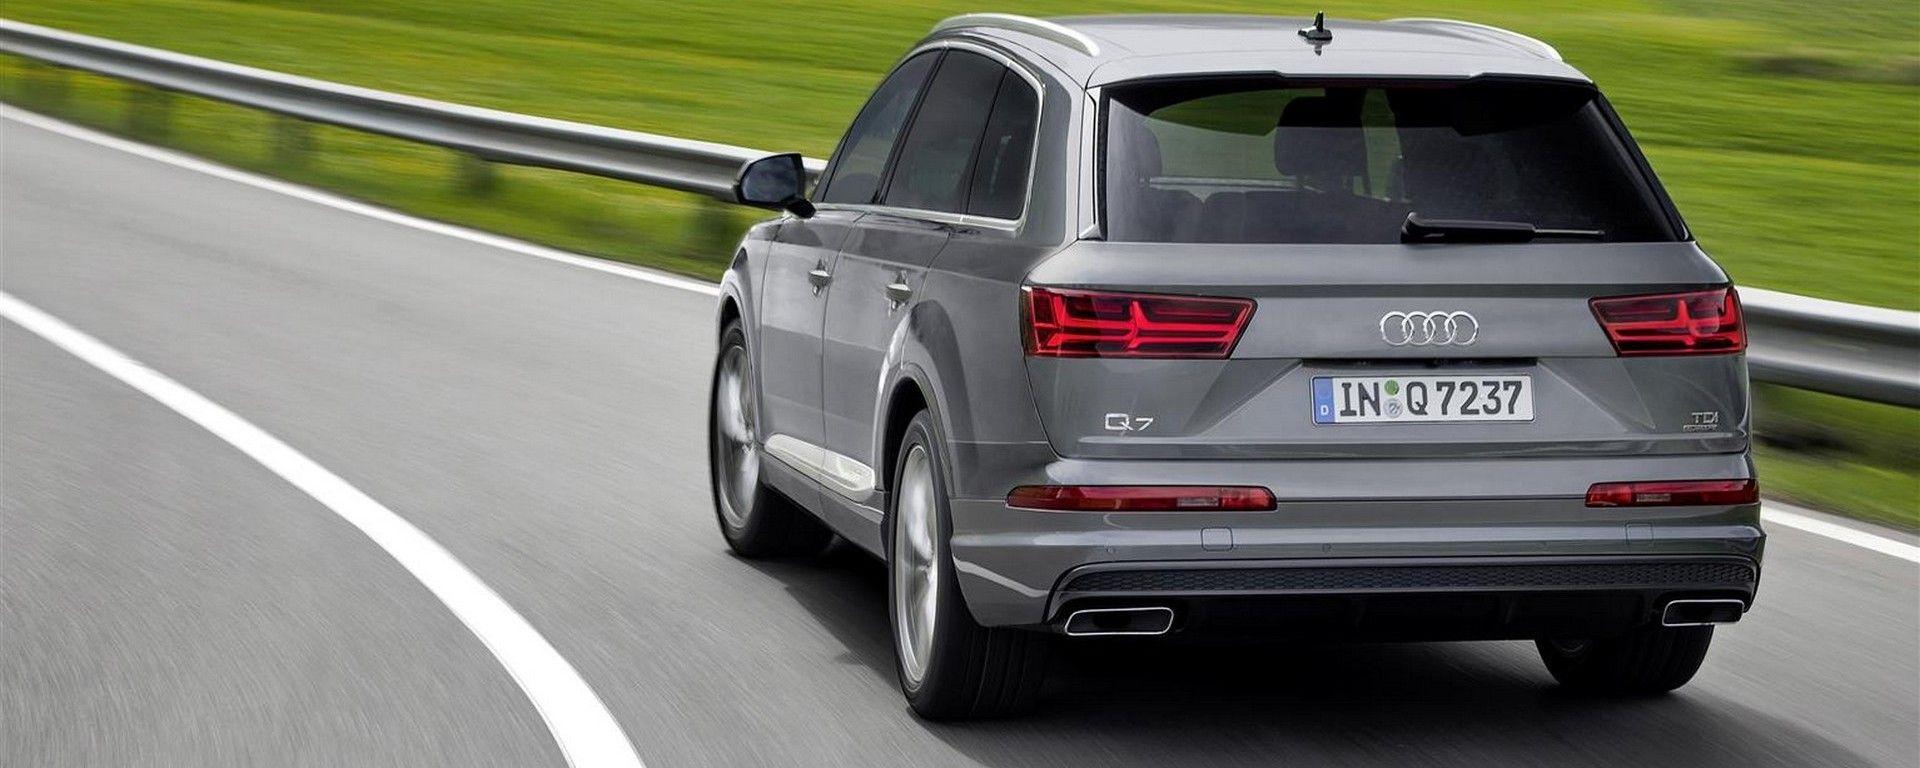 Audi Q7 2019: vista posteriore